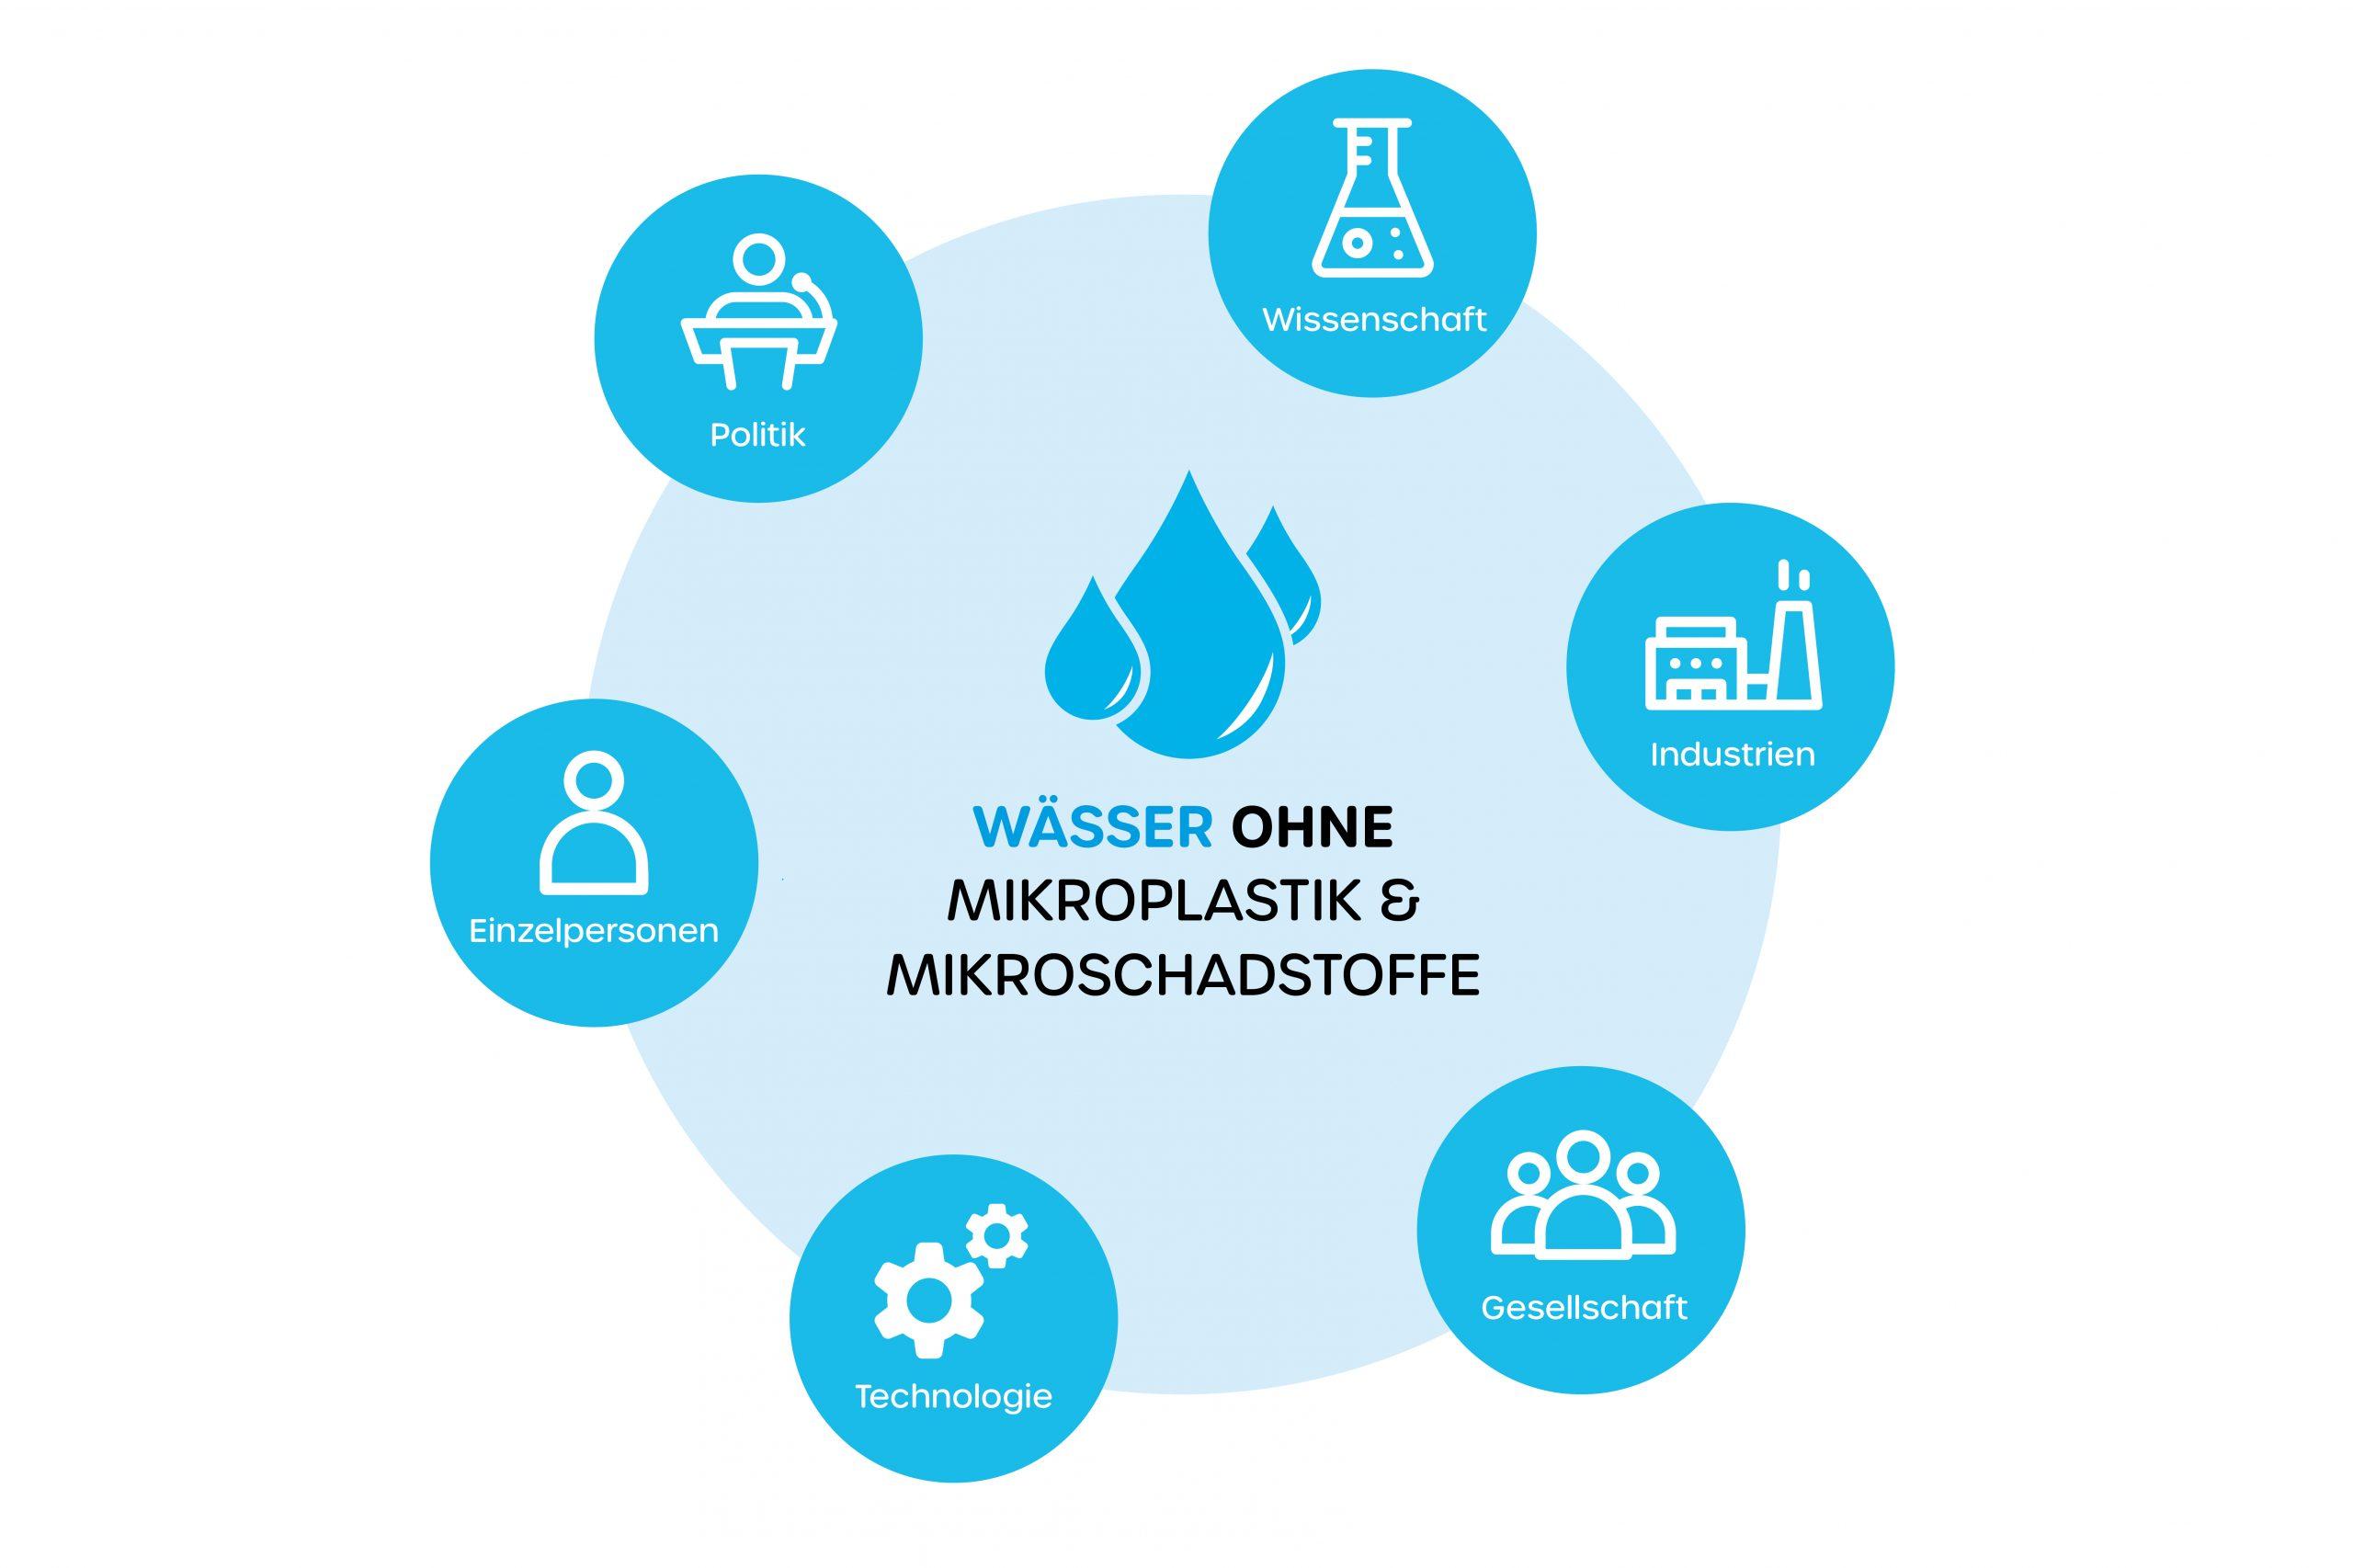 Wässer ohne Mikroplastik und Mikroschadstoffe - Akteure des Stakeholder-Dialog bei Wasser 3.0